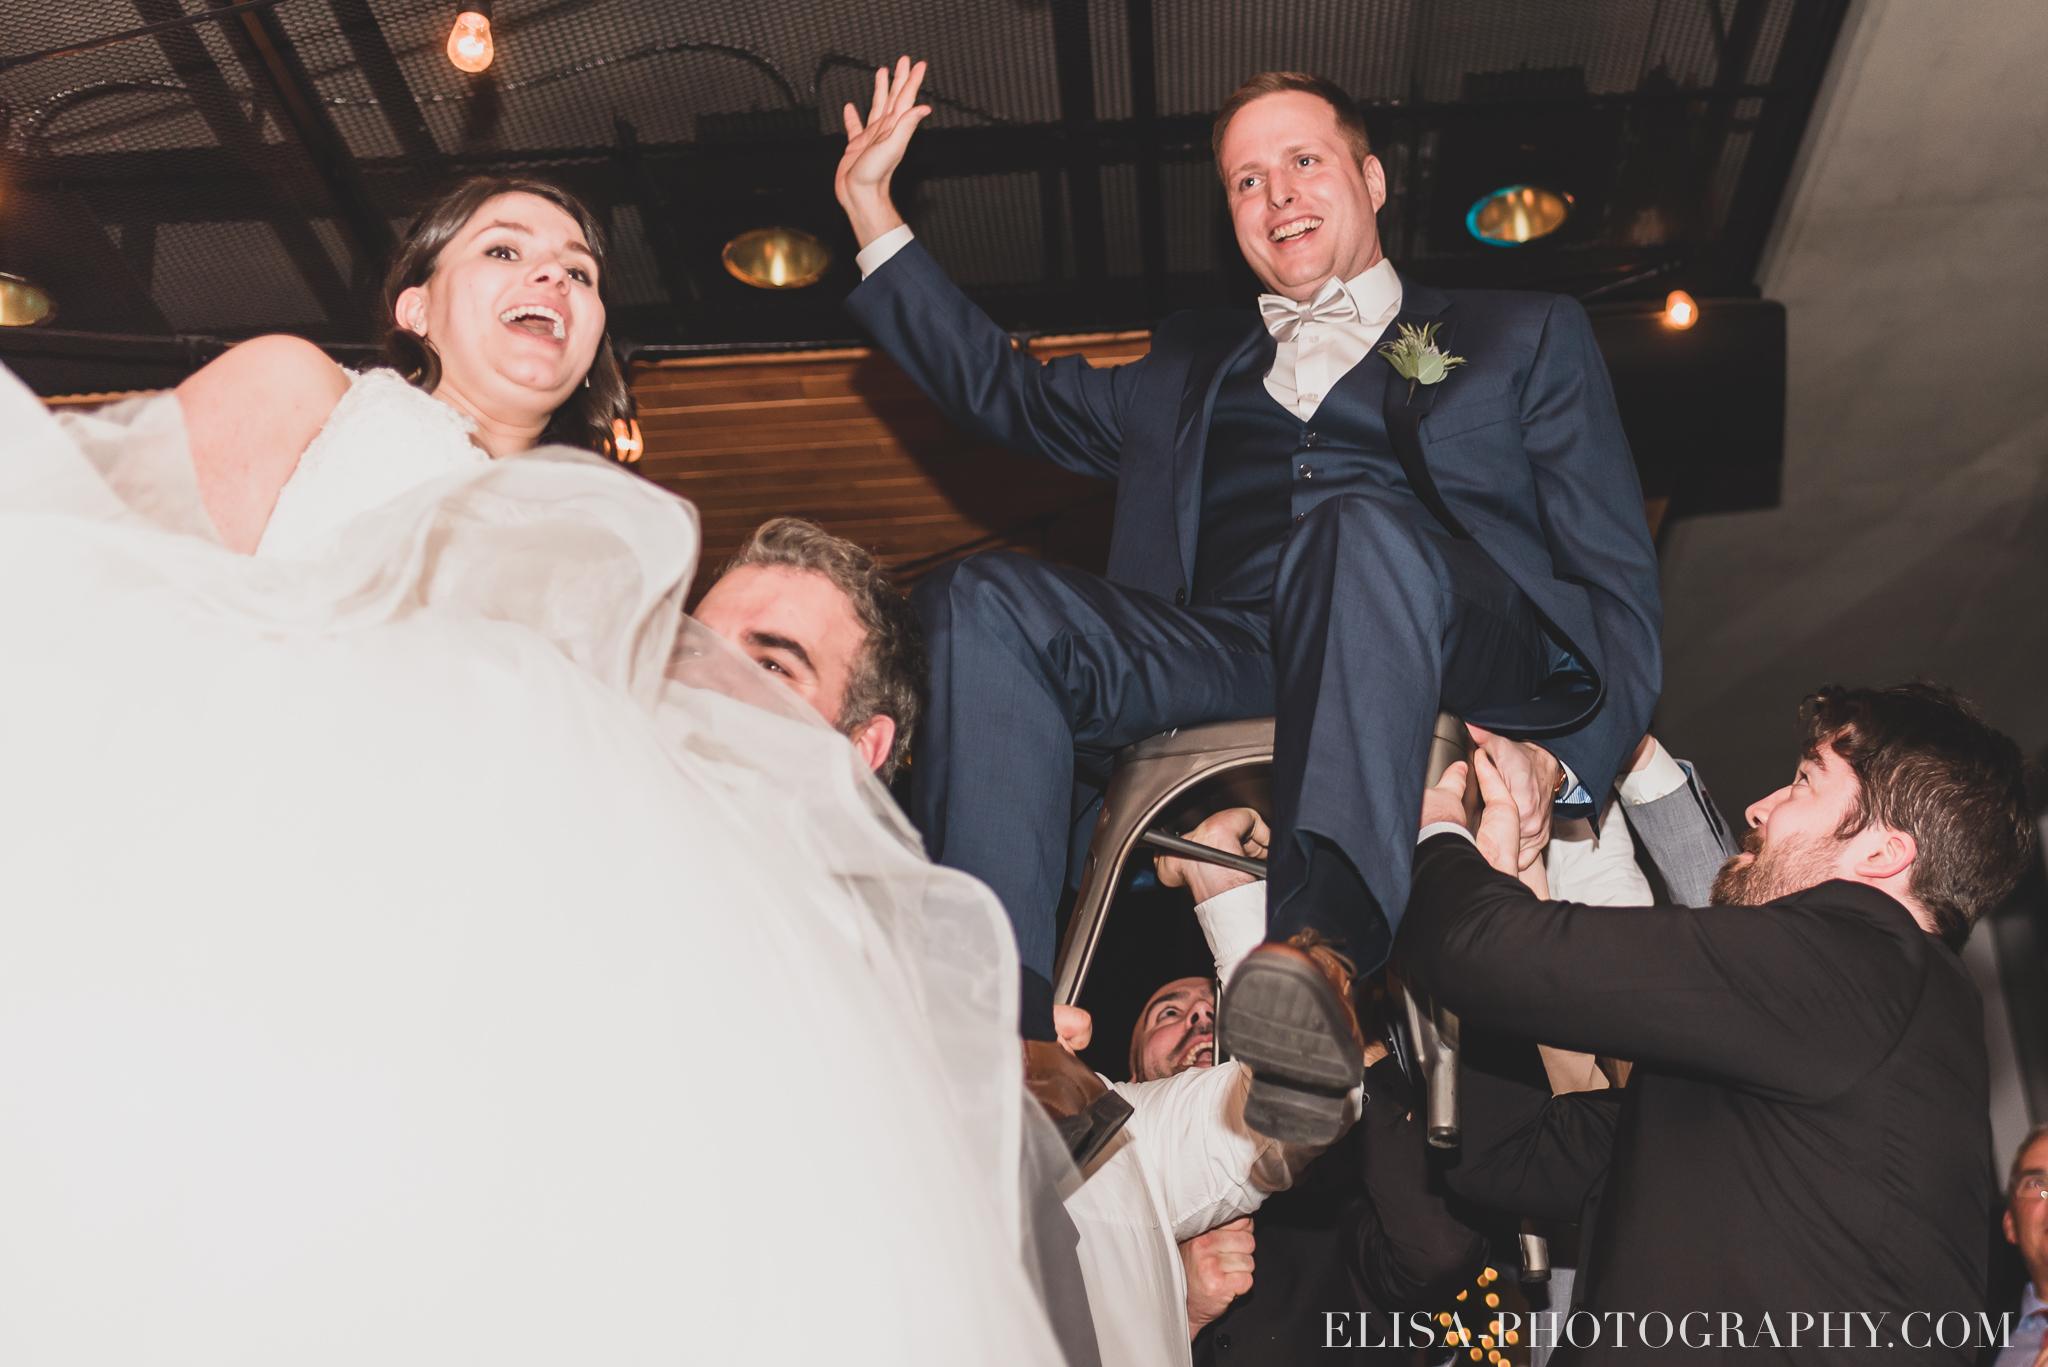 photo mariage hiver salle quai cap blanc port quebec reception danse pere mur lumineux plantes party juif chaises 3831 - Un chaleureux mariage hivernal à la salle du Quai du Cap Blanc, Québec